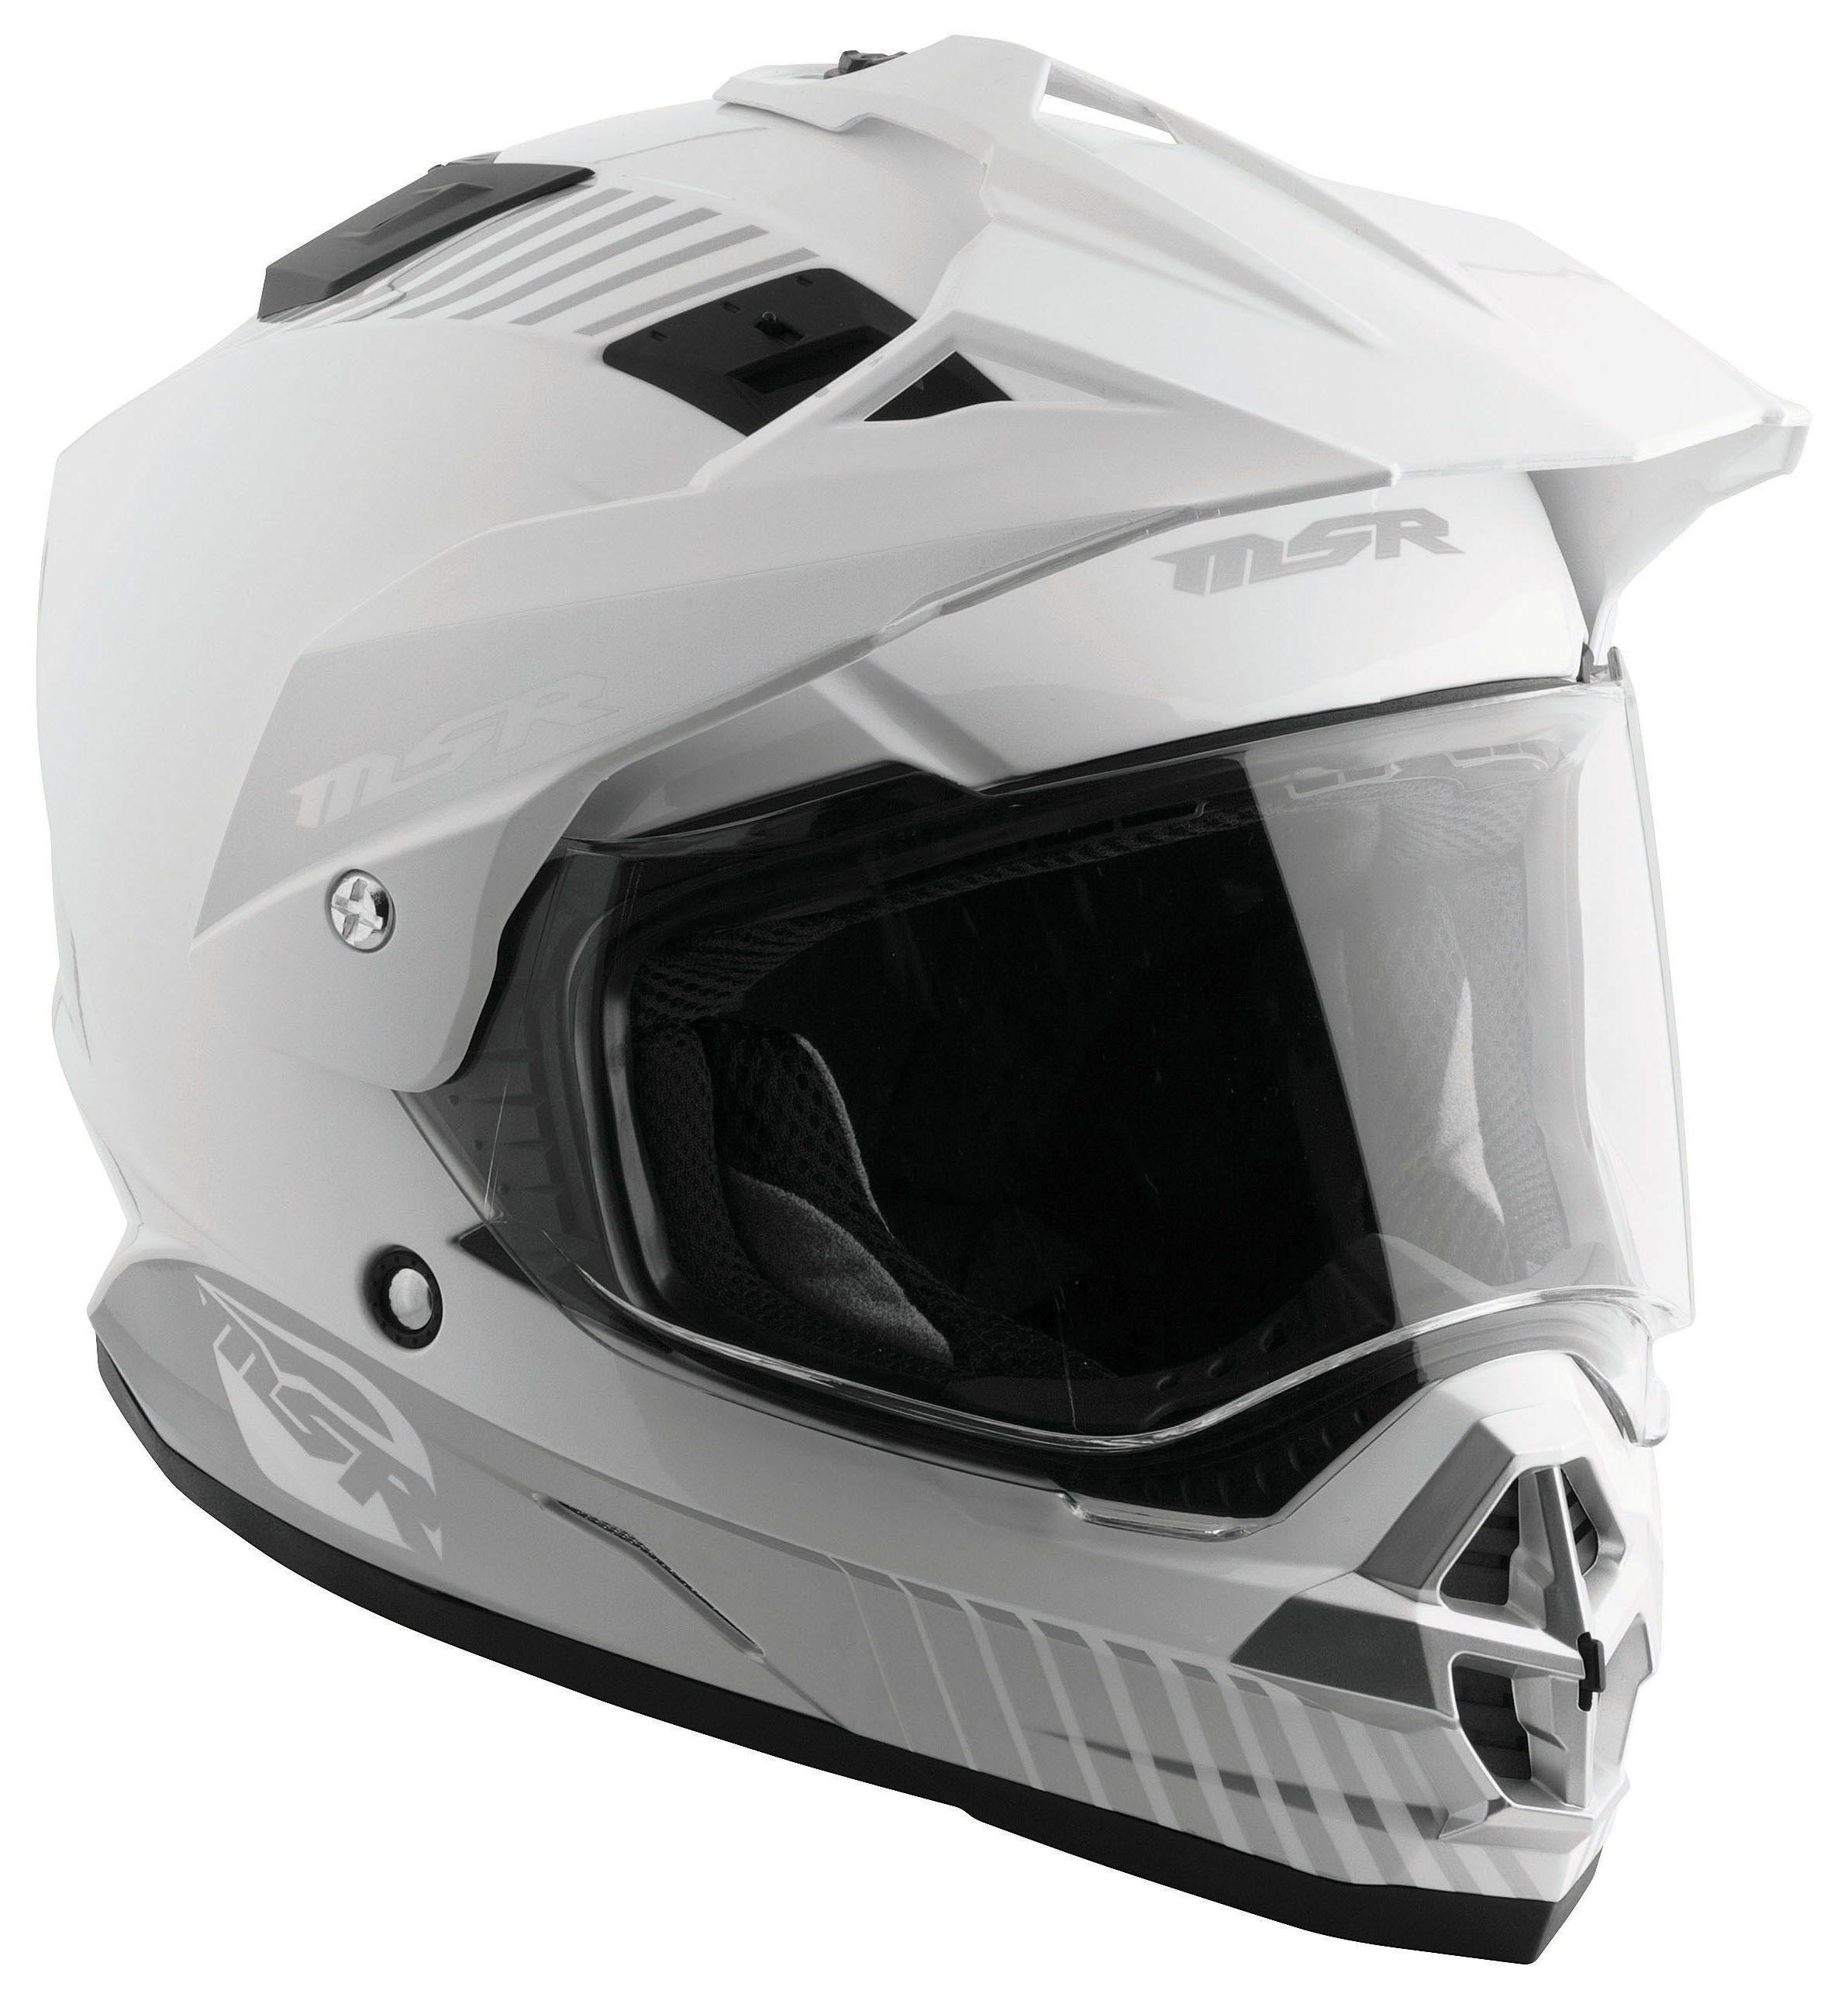 Troy Lee Designs Helmet >> MSR Xpedition Helmet (SM) - Cycle Gear